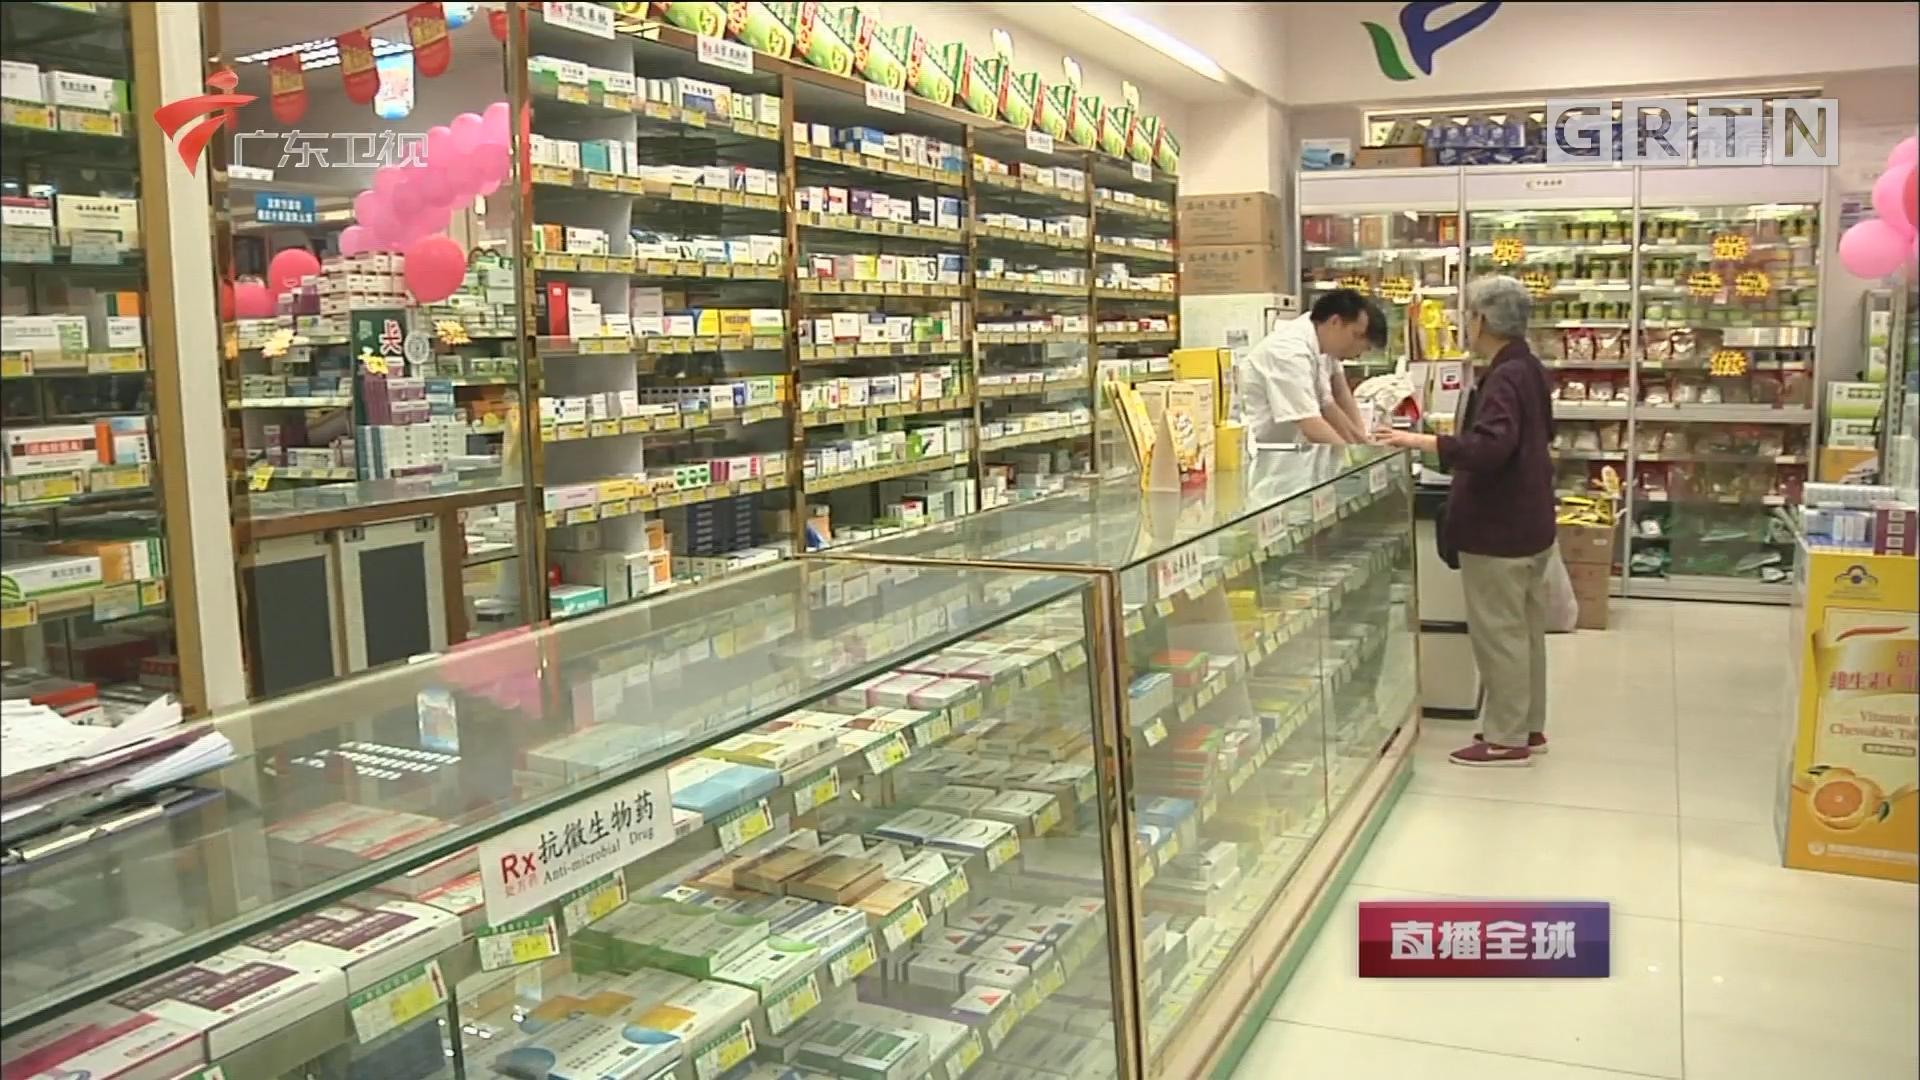 广东实行药店分级制度:部分药店将不可销售处方药